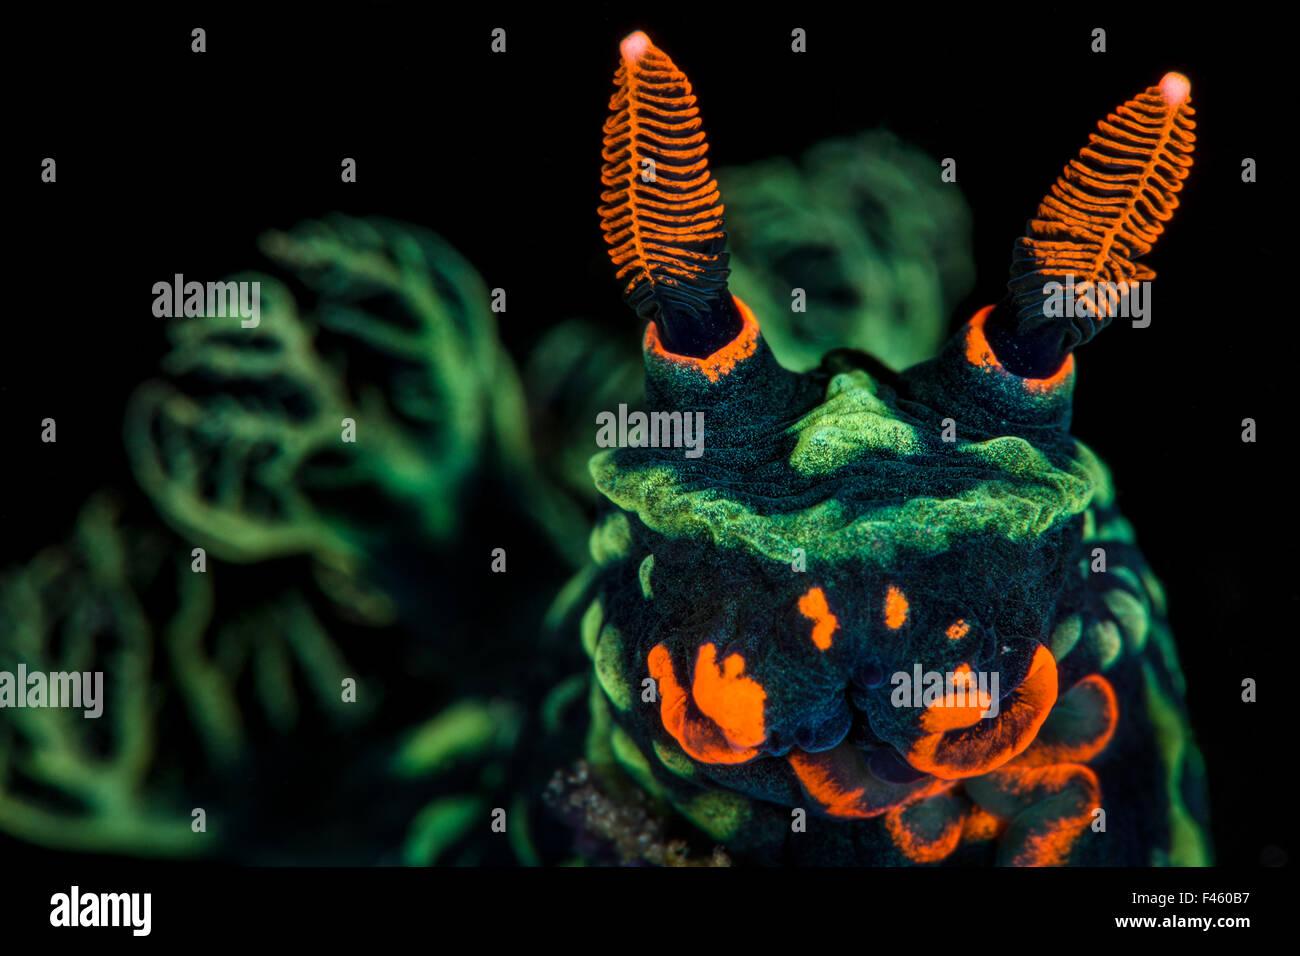 Foto de alta magnificación Nembrotha kubaryana Nudibranch (naranja), mostrando las partes bucales y sensoriales, Imagen De Stock